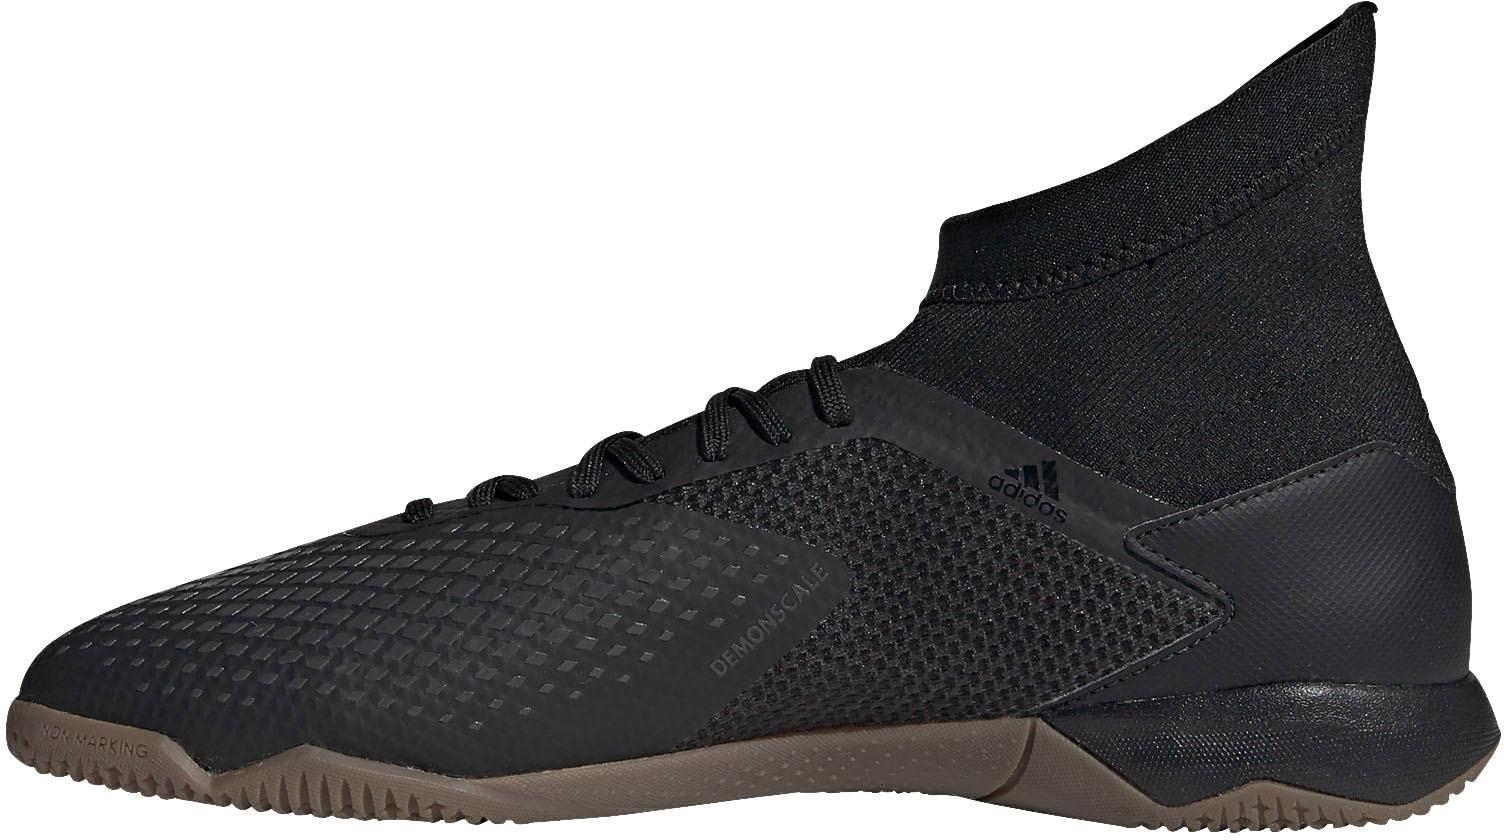 adidas Performance voetbalschoenen Predator 20.3 IN nu online kopen bij OTTO